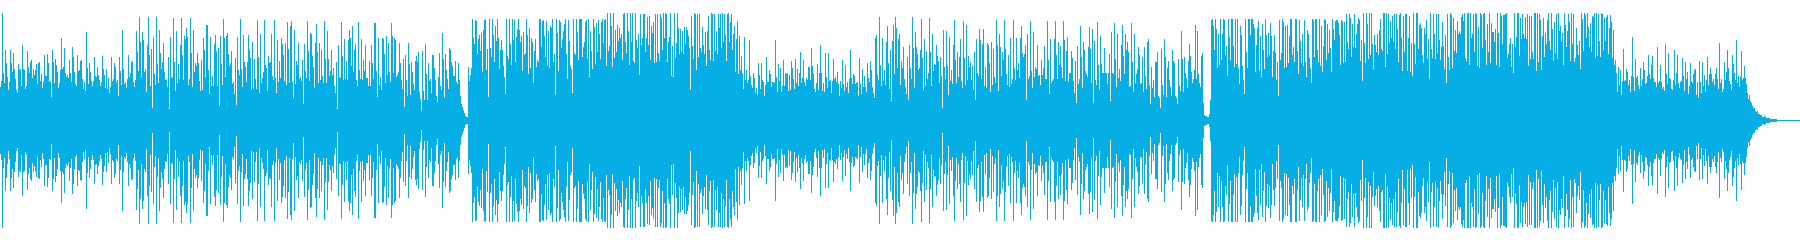 夏に最適!洋楽っぽいトロピカルハウスの再生済みの波形